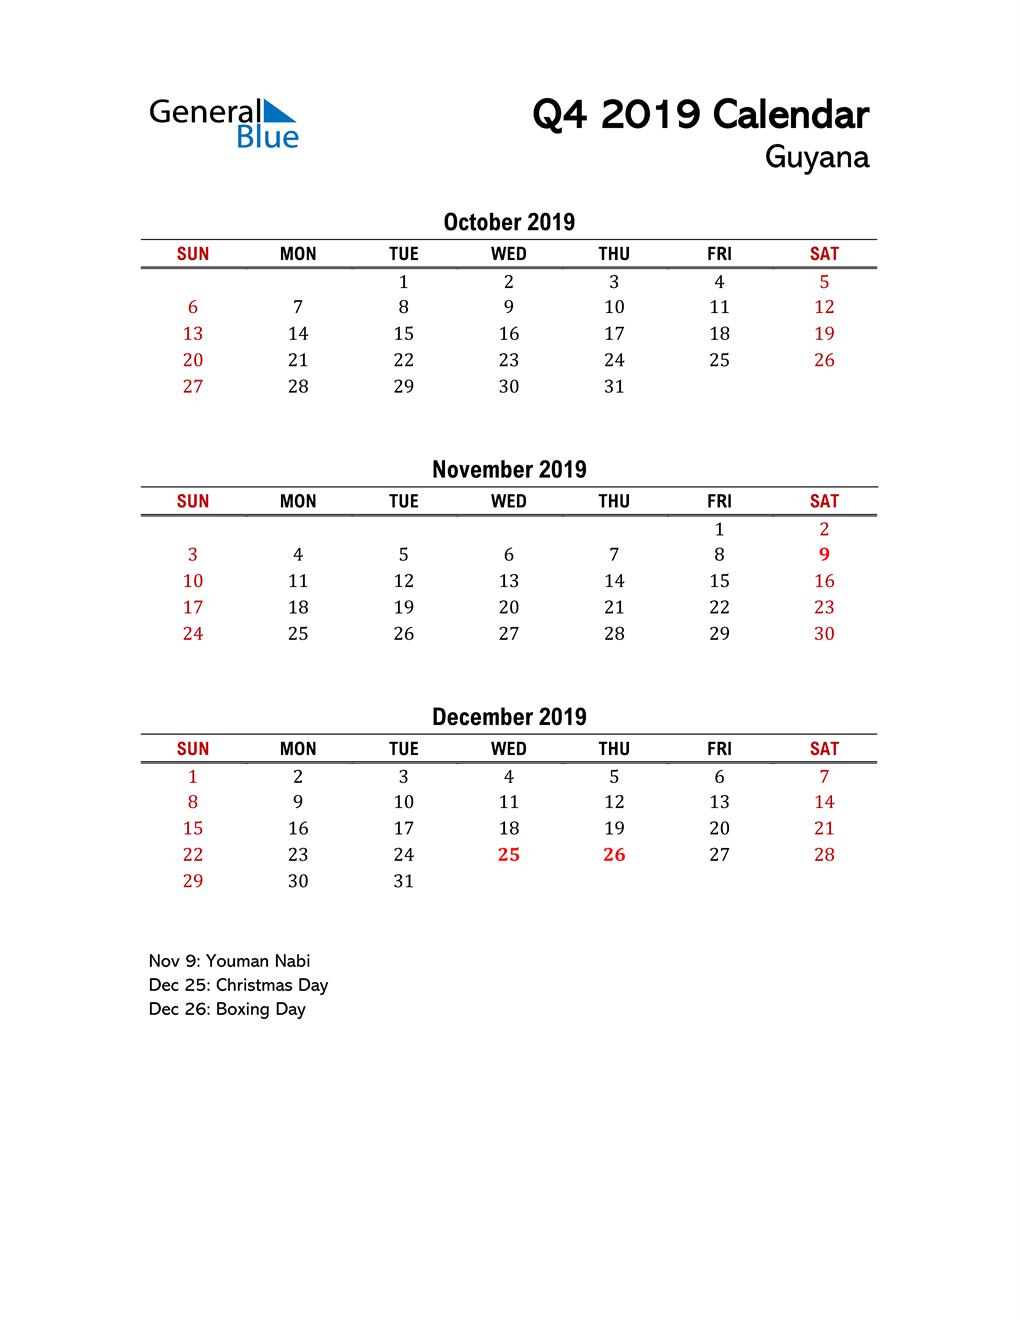 2019 Q4 Calendar with Holidays List